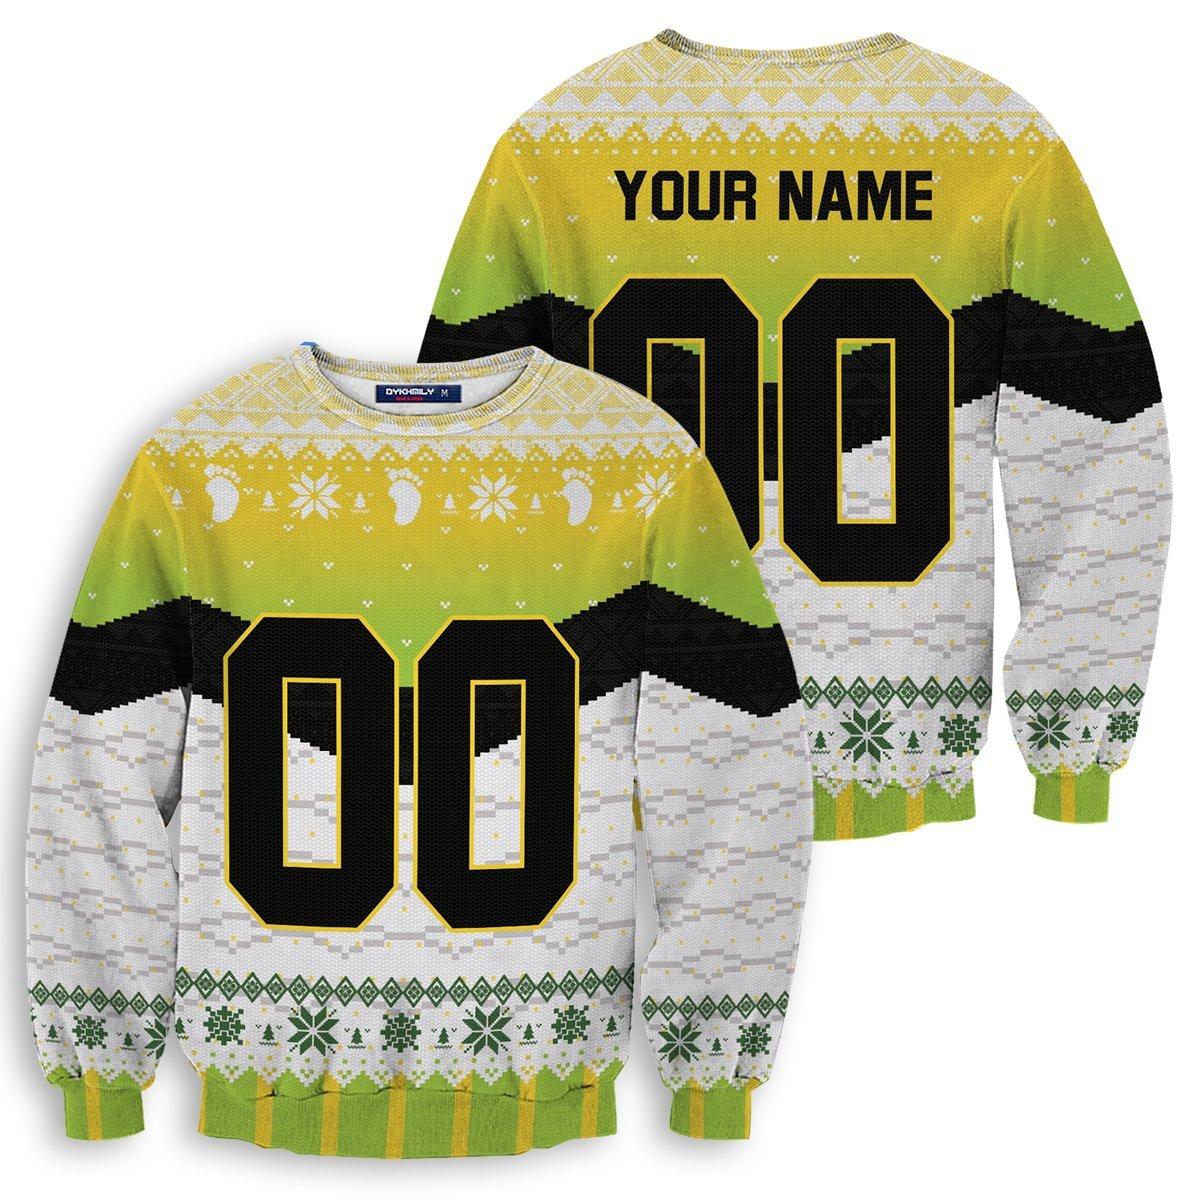 Personalized Itachiyama Christmas Unisex Wool Sweater FDM0310 S Official Otaku Treat Merch